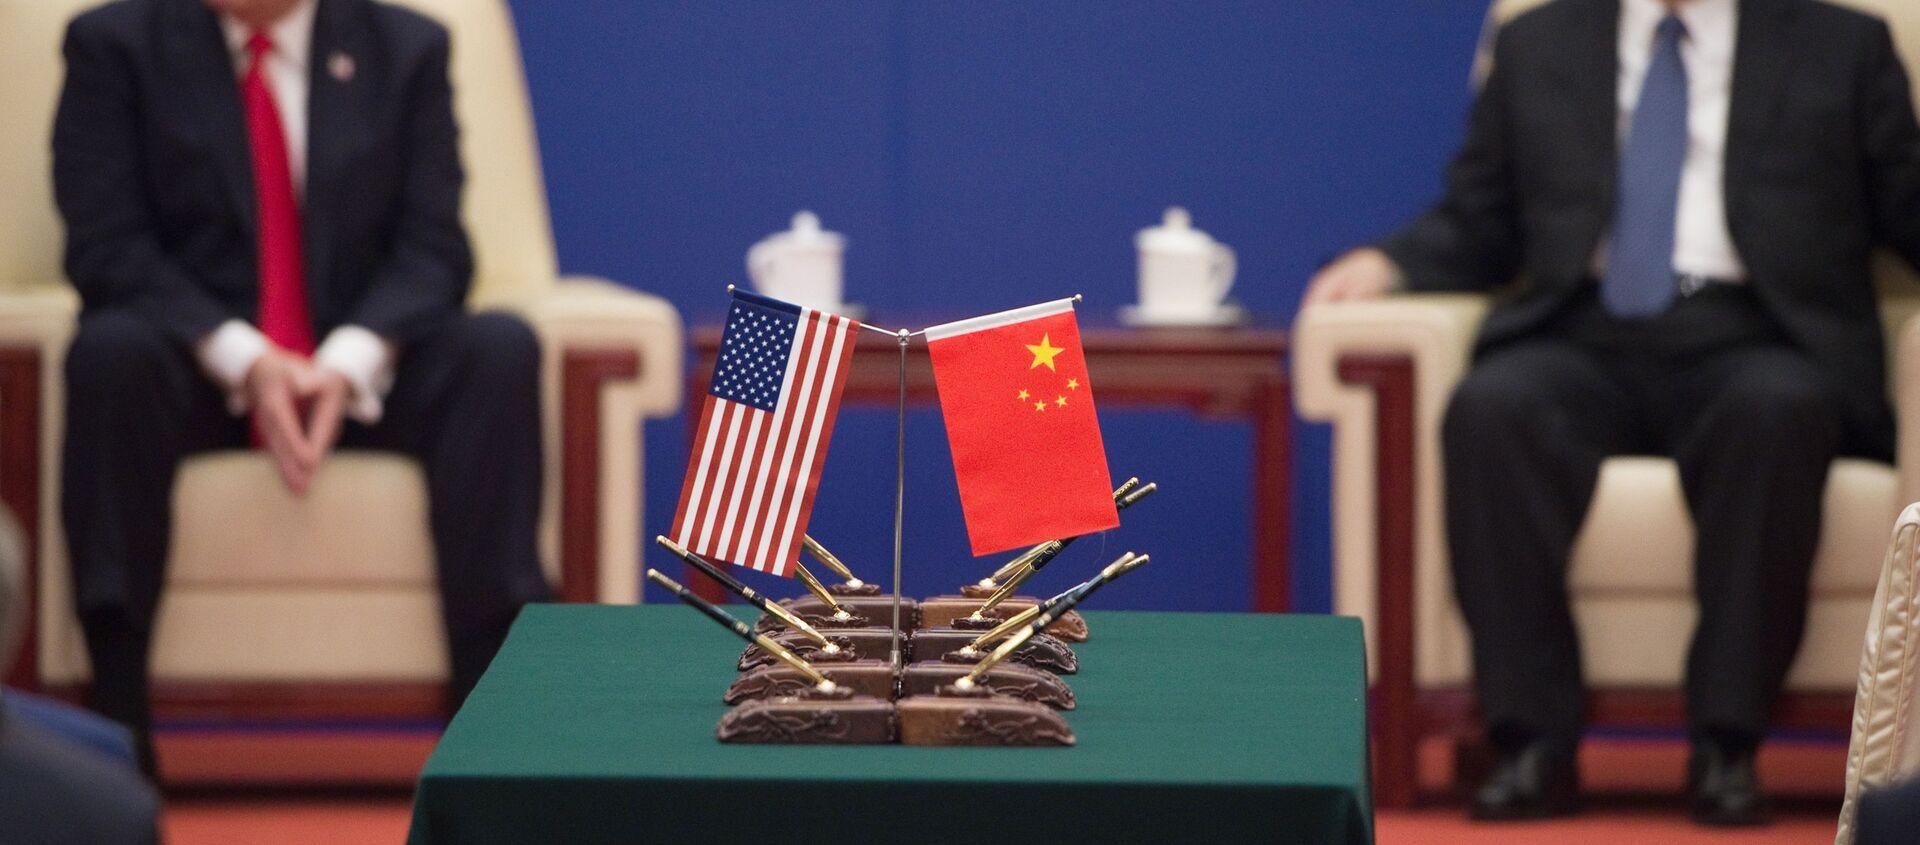 Tổng thống Donald Trump và Chủ tịch Trung Quốc Tập Cận Bình tại Bắc Kinh - Sputnik Việt Nam, 1920, 11.09.2020